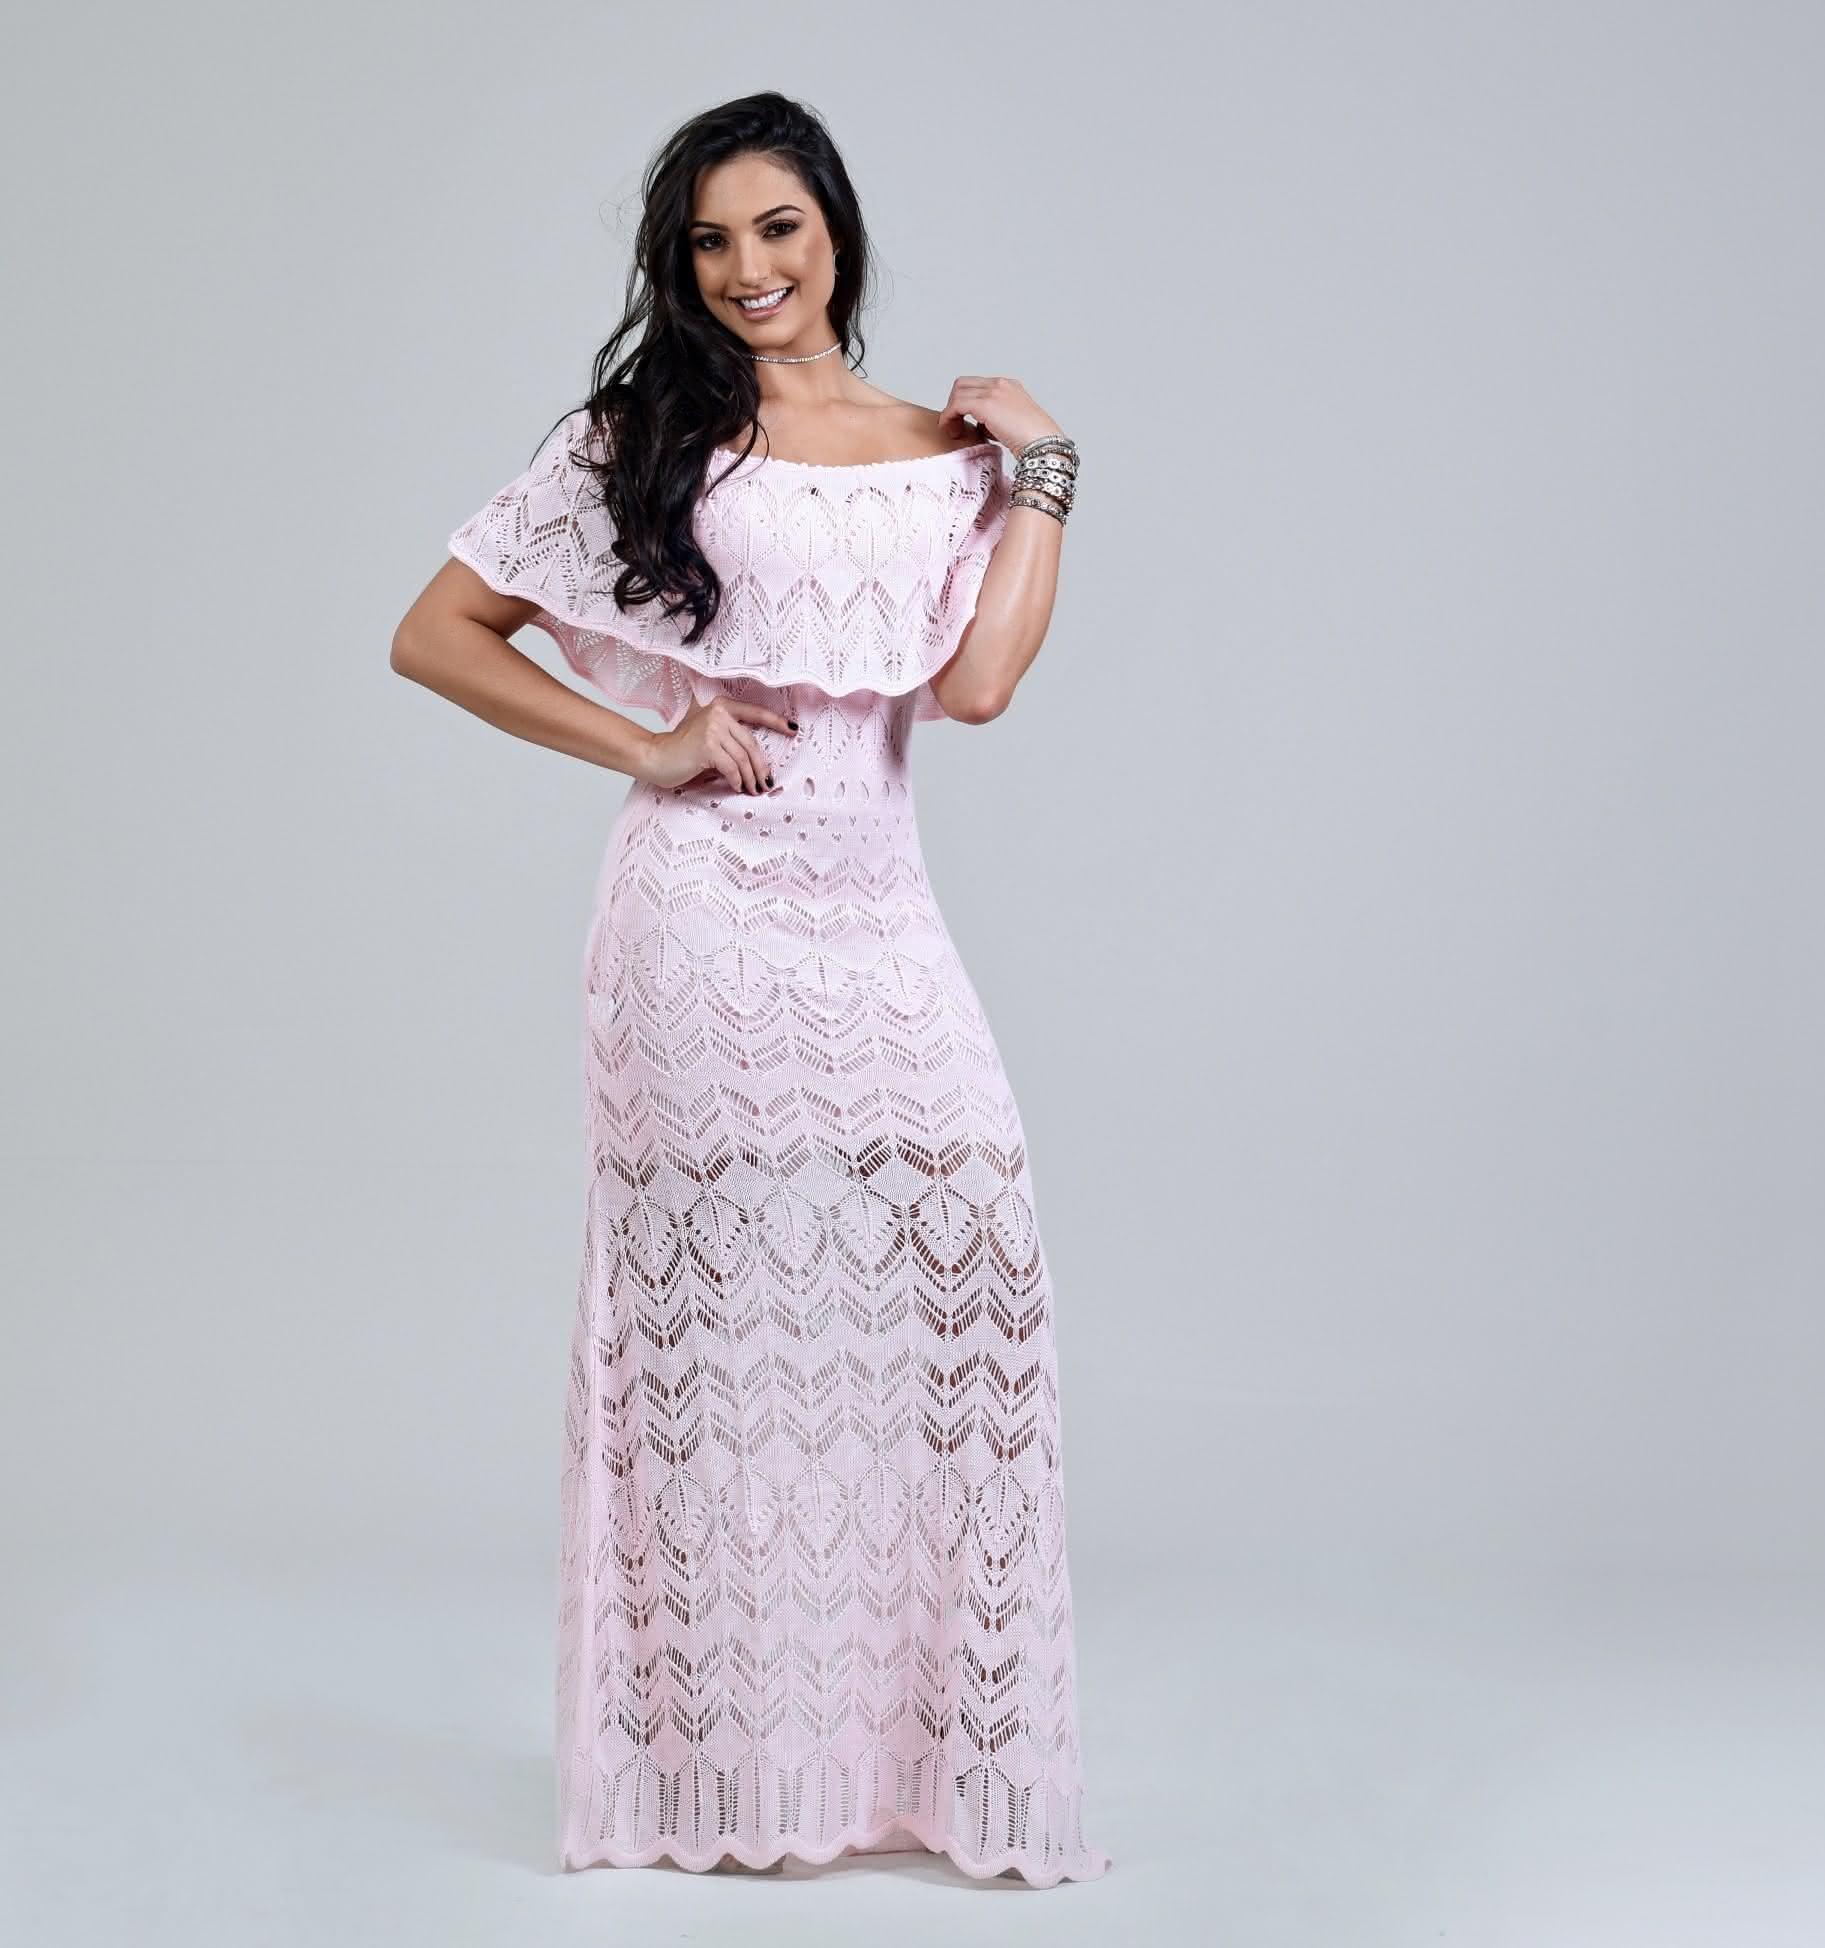 Vestidos De Crochê 2019 Modelos Incríveis Fotos E Lojas